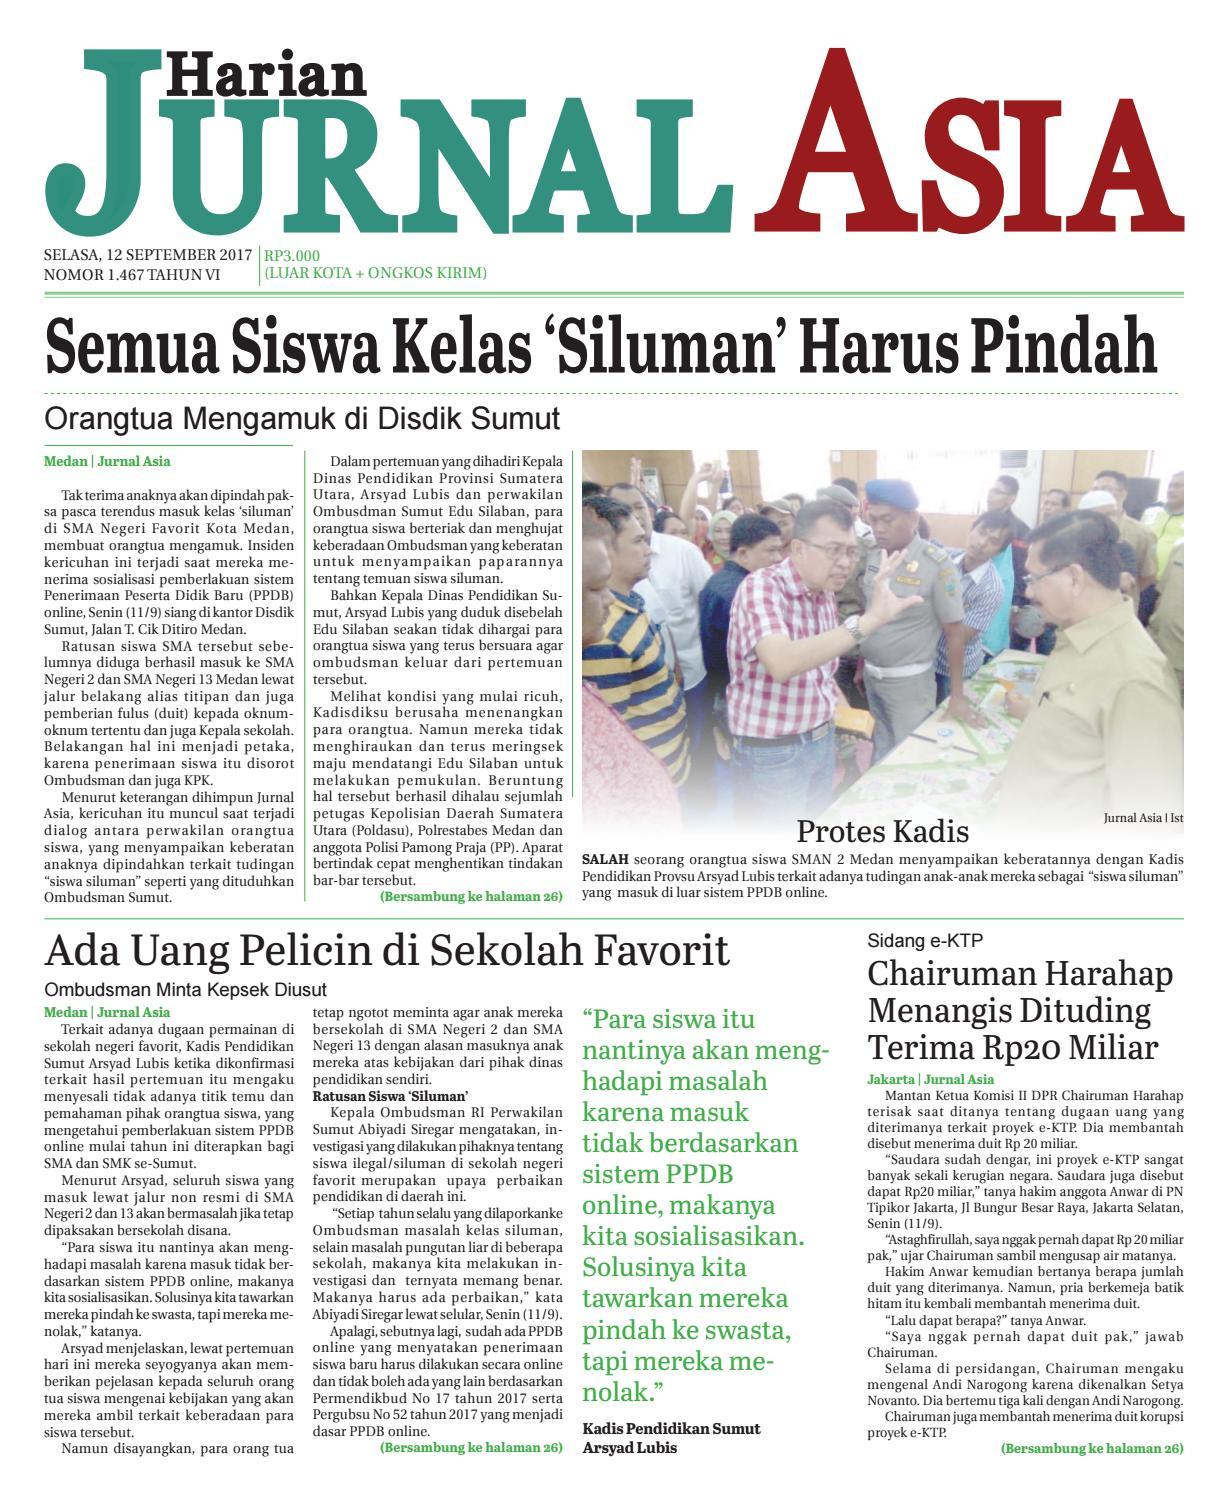 Harian Jurnal Asia Edisi Rabu 3dee854a52